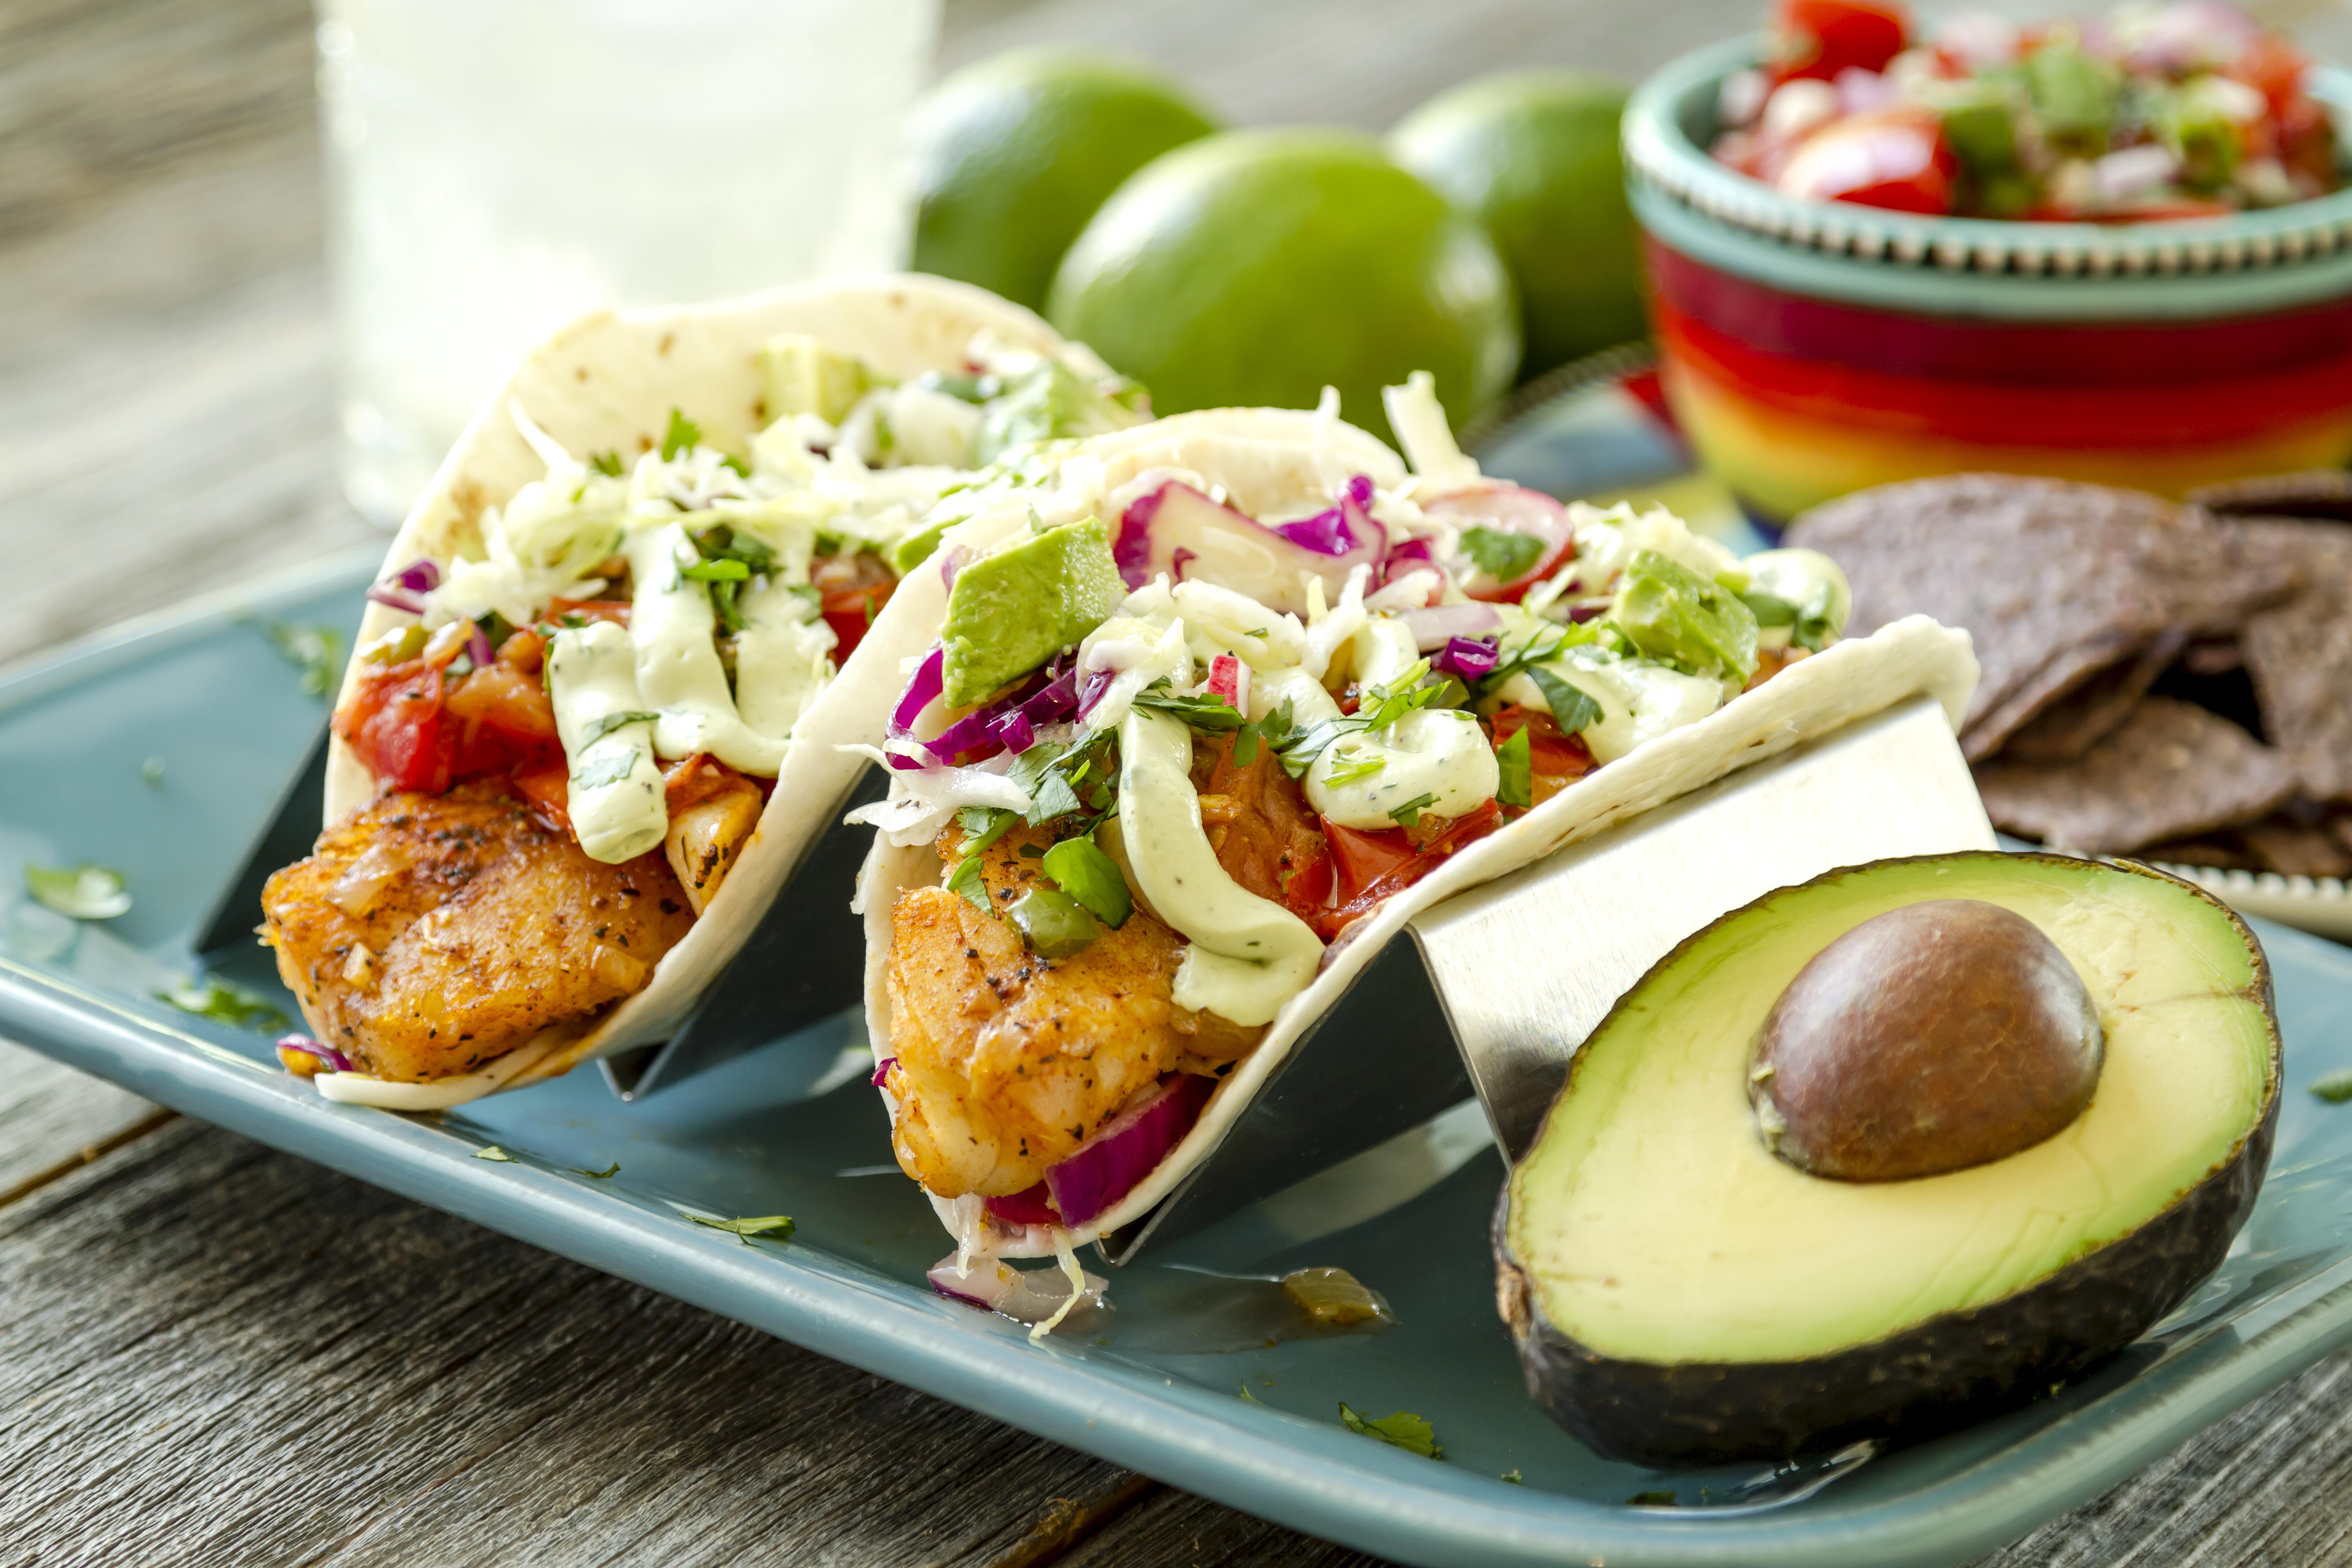 shutterstock_595252676 veckans recept DOKTORN fisktacos fish tacos med torsk fiskrätter mat och hitta fler matrecept.jpg